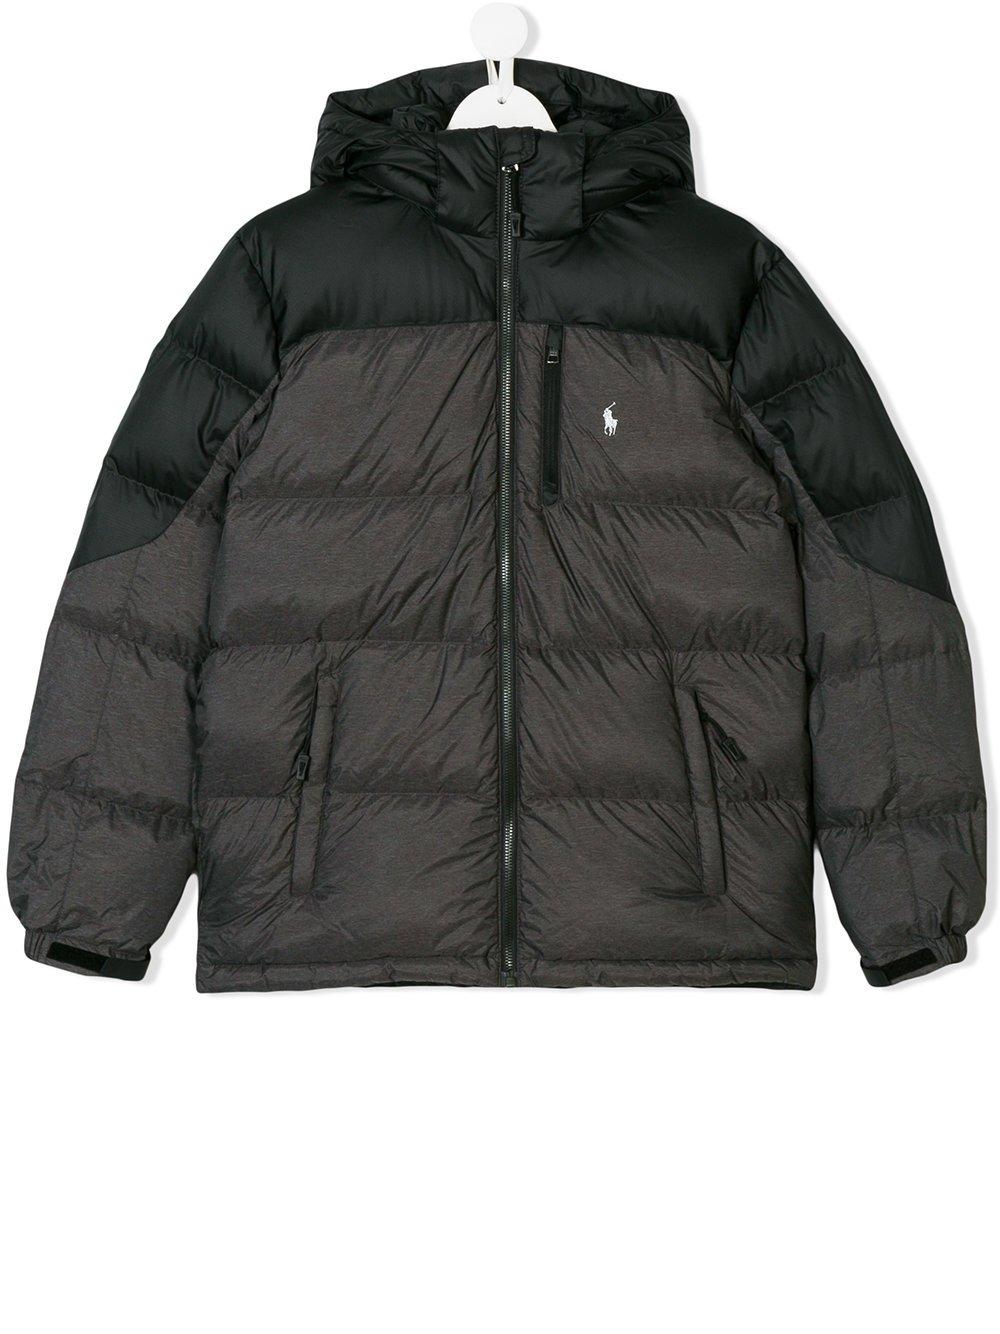 RALPH LAUREN Boy's Down Puffer Coat (Black/Grey, Large (14-16)) by RALPH LAUREN